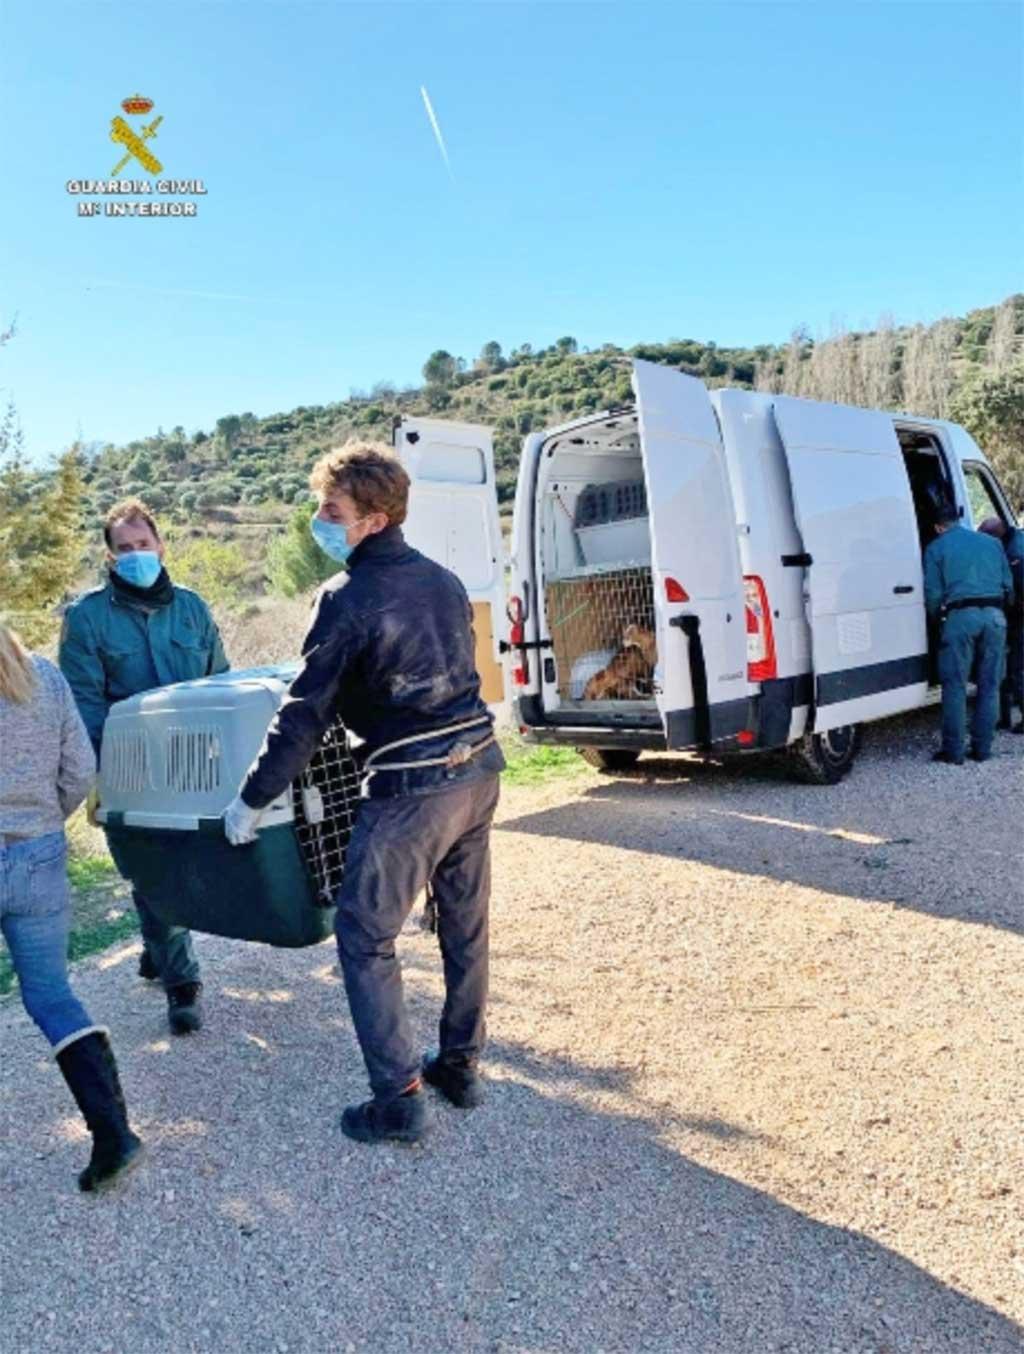 Guardia Civil interviene en una finca 22 perros en condiciones deplorables.